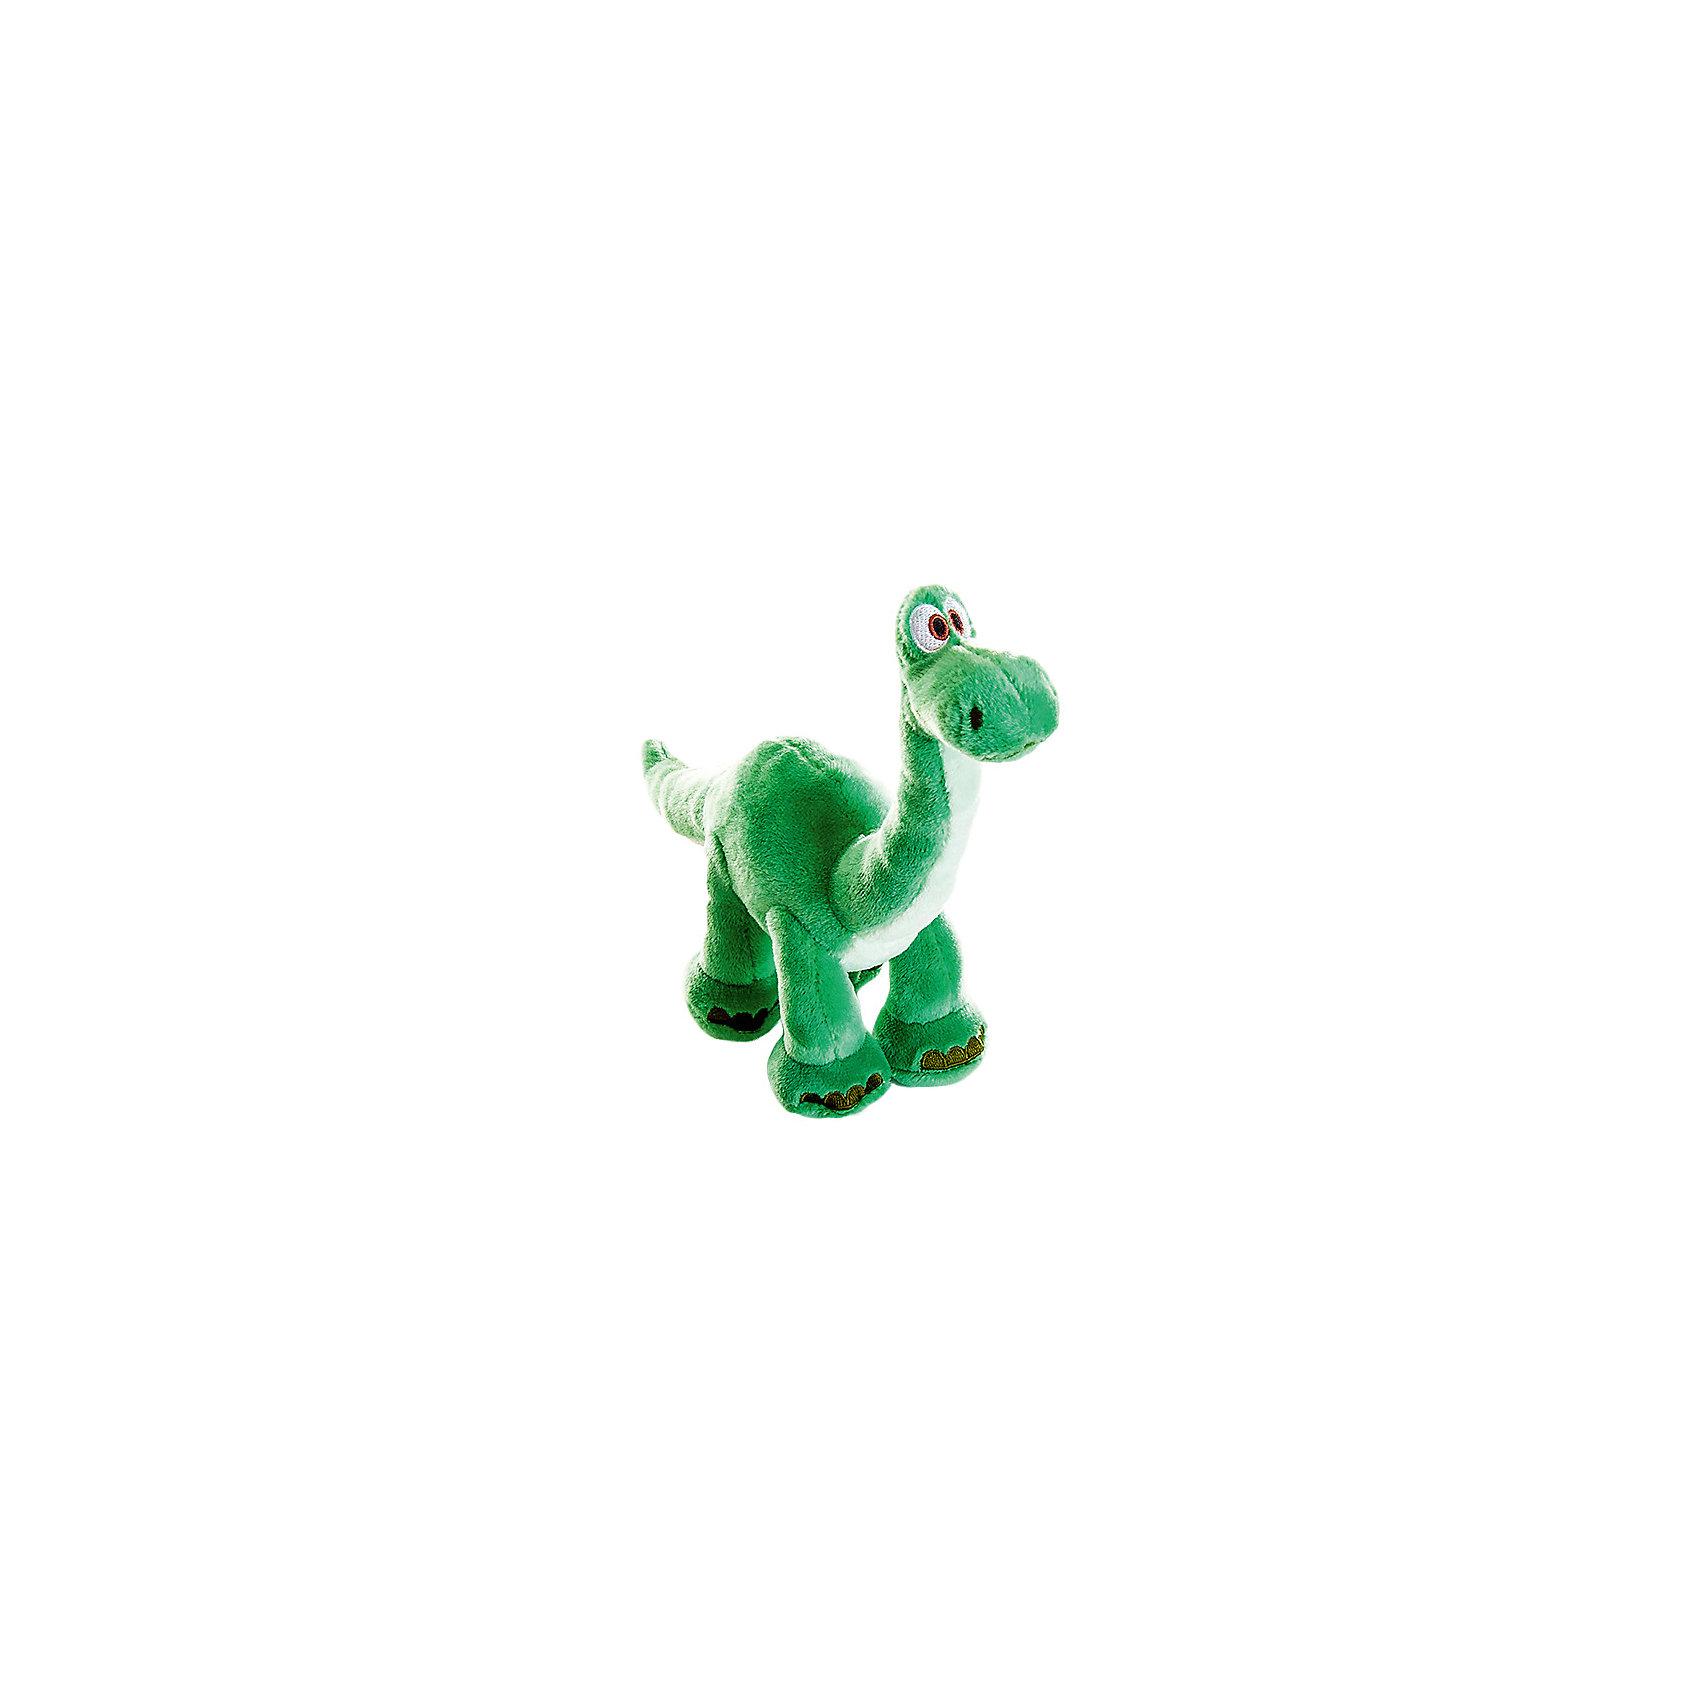 Мягкая игрушка Арло, 17 см, Хороший динозаврОчаровательный динозаврик Арло - оригинальная мягкая игрушка, которая станет приятным сюрпризом для детей любого возраста. Игрушка выполнена по мотивам нового диснеевского мультфильма Хороший динозавр (The Good Dinosaur) и внешне очень похожа на своего экранного персонажа. Это симпатичный динозаврик с зеленой шкуркой и милой мордочкой. Игрушка очень мягкая и приятная на ощупь, малыш с удовольствием будет обнимать и тискать забавного динозаврика и даже брать его с собой в кровать. Игрушка изготовлена из качественных экологичных материалов и совершенно безопасна для детского здоровья. Способствует развитию фантазии и воображения, тренирует тактильное и визуальное восприятие.<br><br>Дополнительная информация:<br><br>- Материал: текстиль, синтепон.<br>- Высота игрушки: 17 см.<br>- Размер упаковки: 7 х 22 х 9 см.<br>- Вес: 90 гр.<br><br>Мягкую игрушку Арло, Хороший динозавр, можно купить в нашем интернет-магазине.<br><br>Ширина мм: 70<br>Глубина мм: 220<br>Высота мм: 90<br>Вес г: 7<br>Возраст от месяцев: 36<br>Возраст до месяцев: 192<br>Пол: Унисекс<br>Возраст: Детский<br>SKU: 4302502